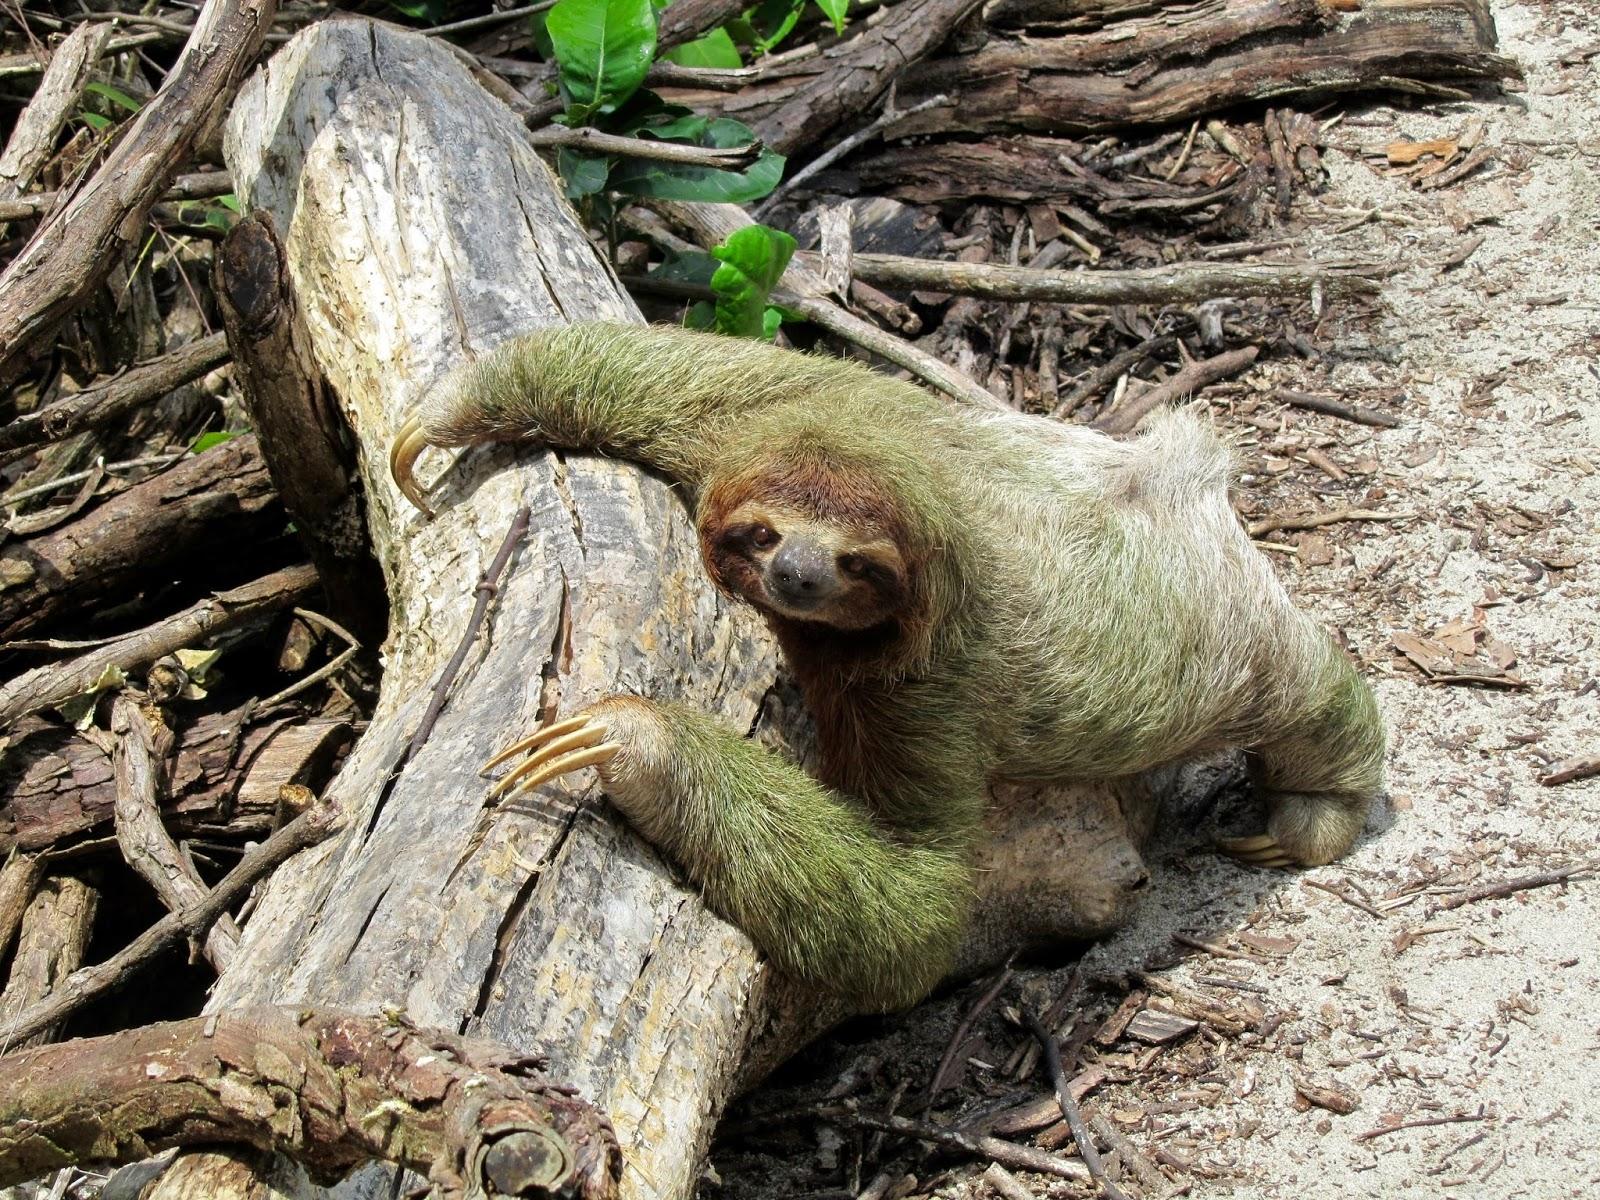 بالصور اغرب الحيوانات , اعجب صور الحيوانات 744 5